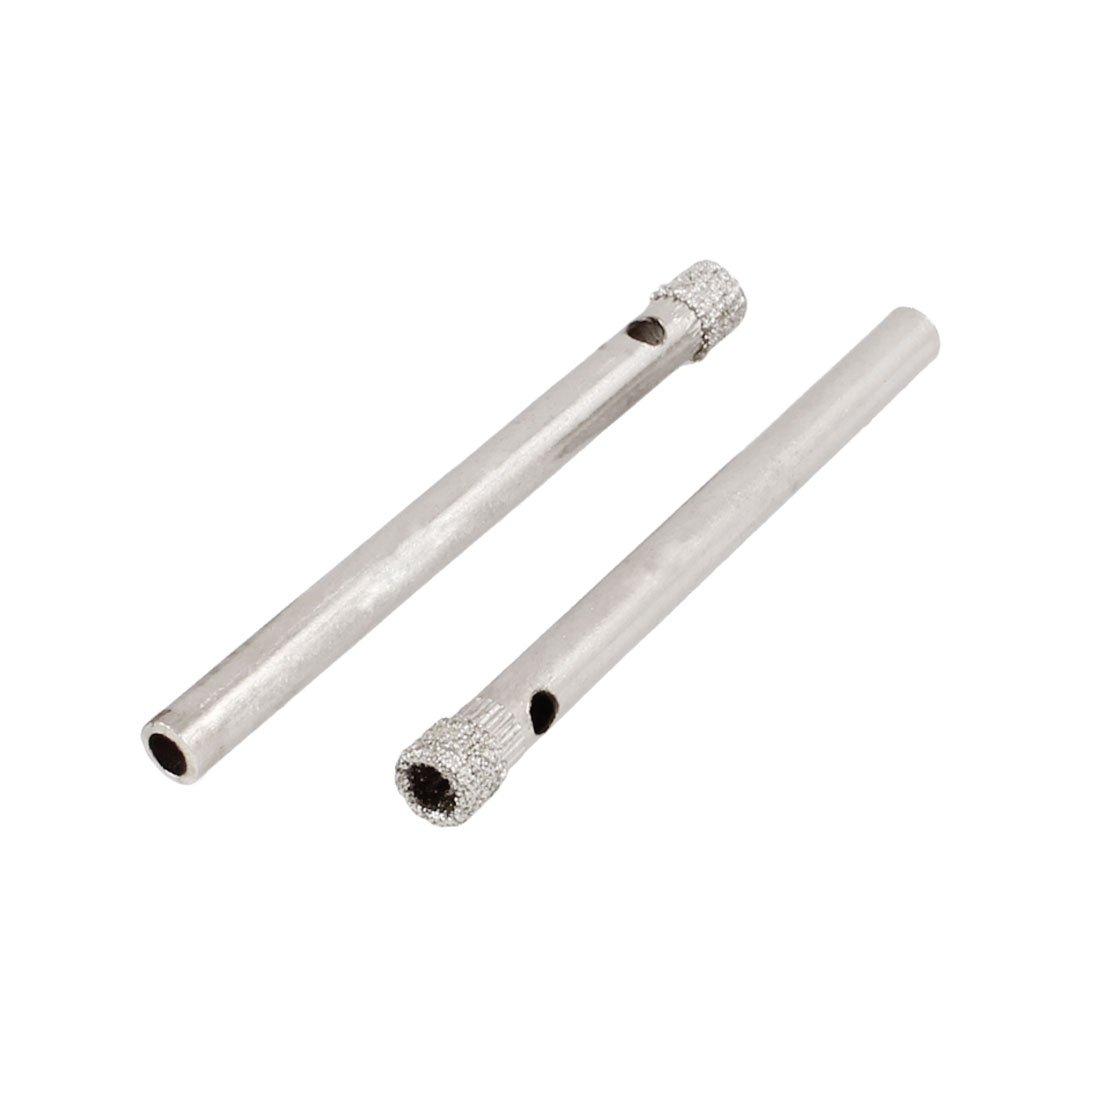 4mm diamond twist drill bit - Uxcell Diamond Tool Drill Bit Ceramic Tile Glass Hole Saw 4mm 5 32 2 Pcs Hole Saw Arbors Amazon Com